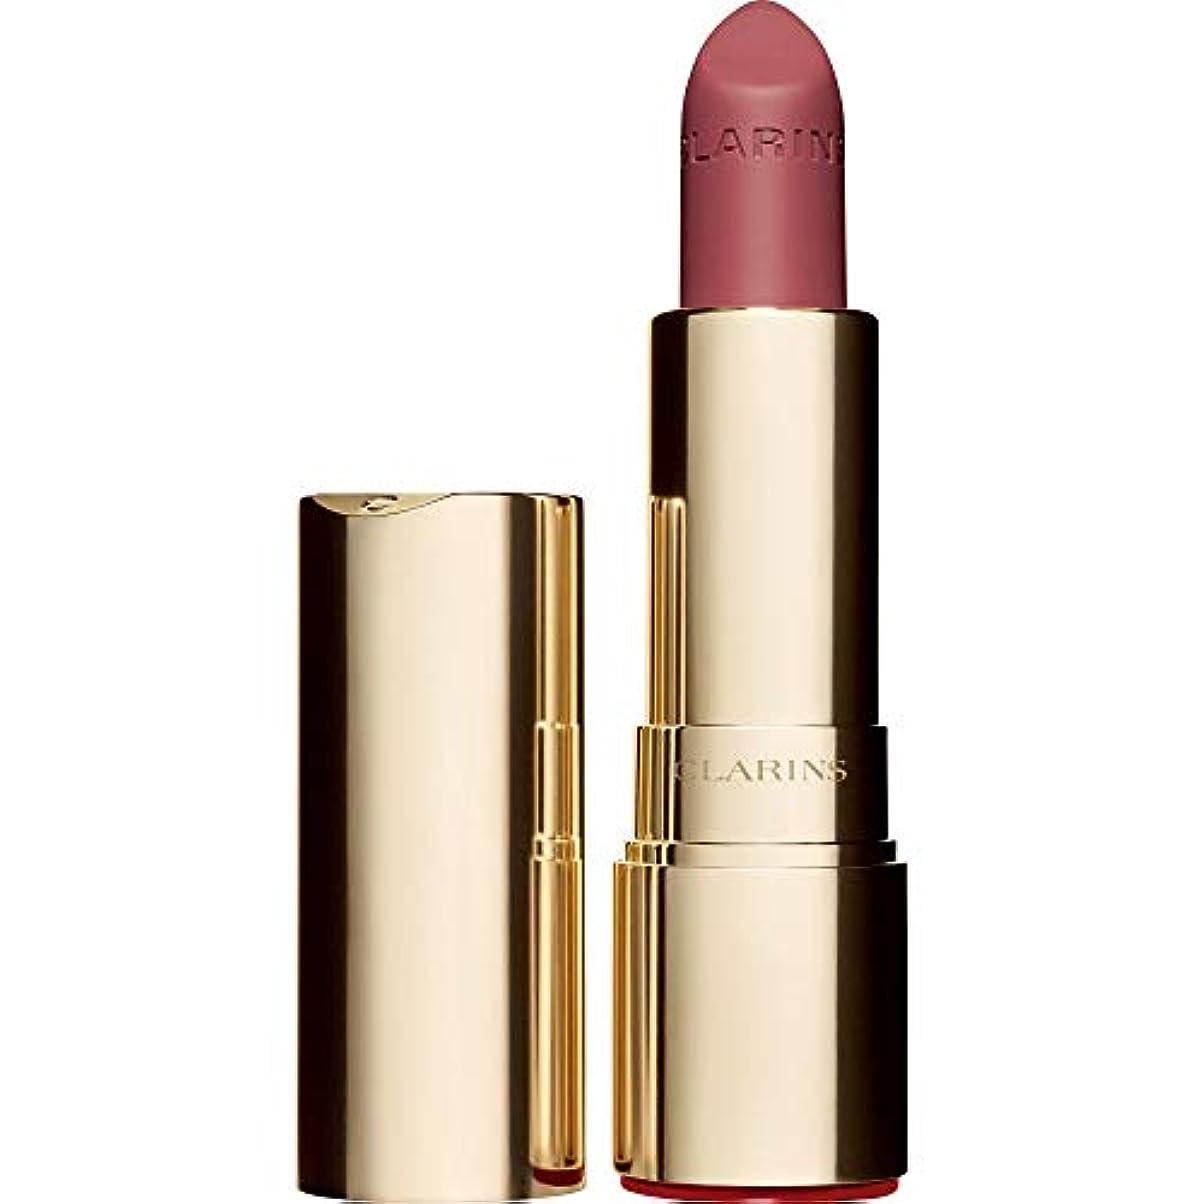 おっと適用する責任[Clarins ] クラランスジョリルージュのベルベットの口紅3.5グラムの752V - ローズウッド - Clarins Joli Rouge Velvet Lipstick 3.5g 752V - Rosewood...